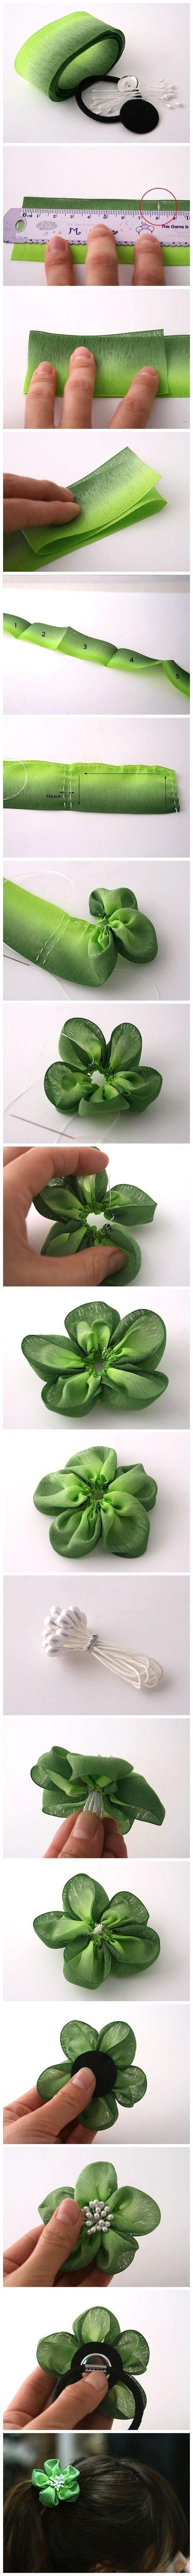 DIY Ribbon Flower by TheTimeTraveler